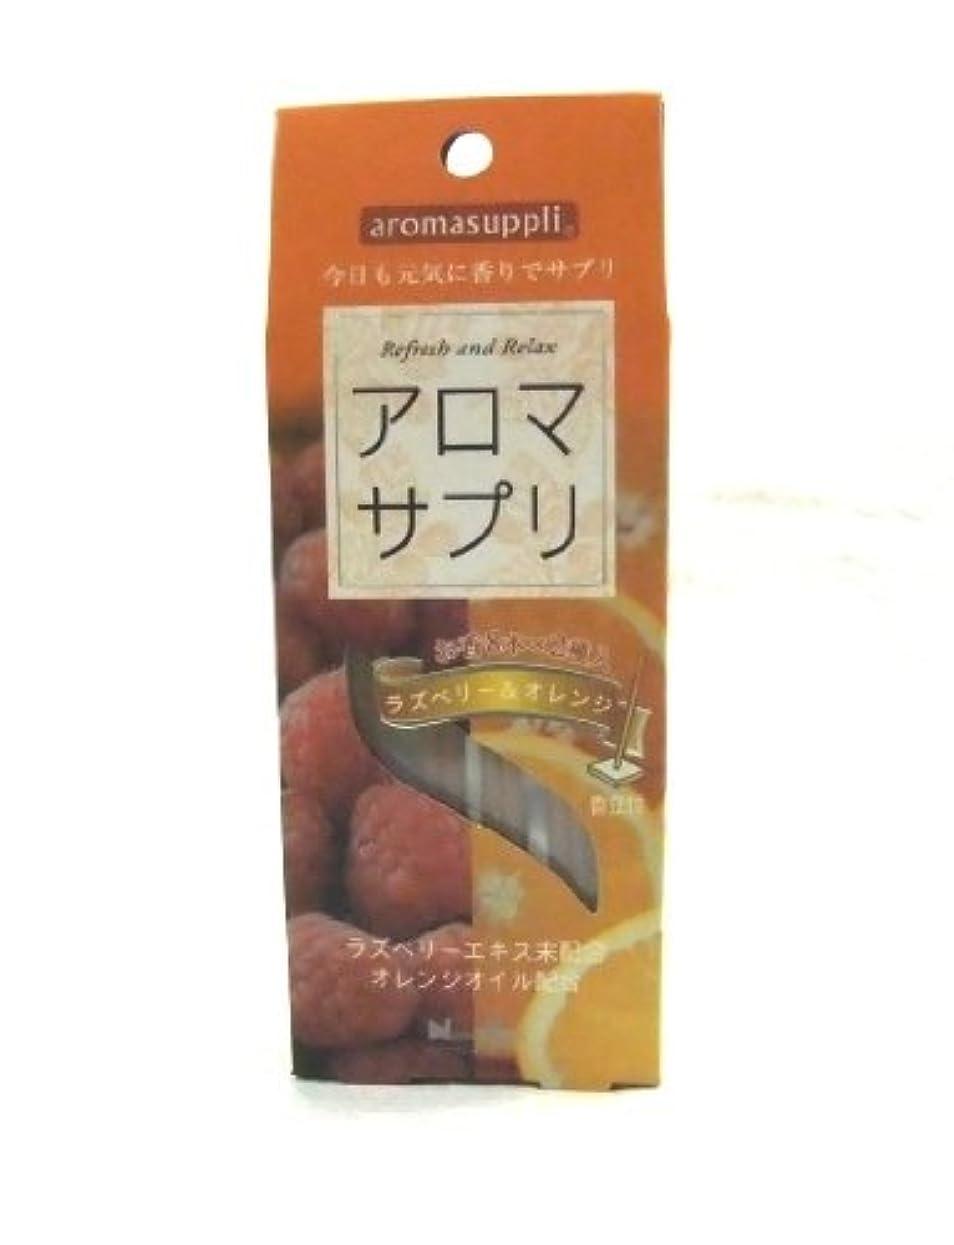 大破クルーズ脊椎お香 アロマサプリ<ラズベリー&オレンジ> 2種類の香り× 各8本入 香立付